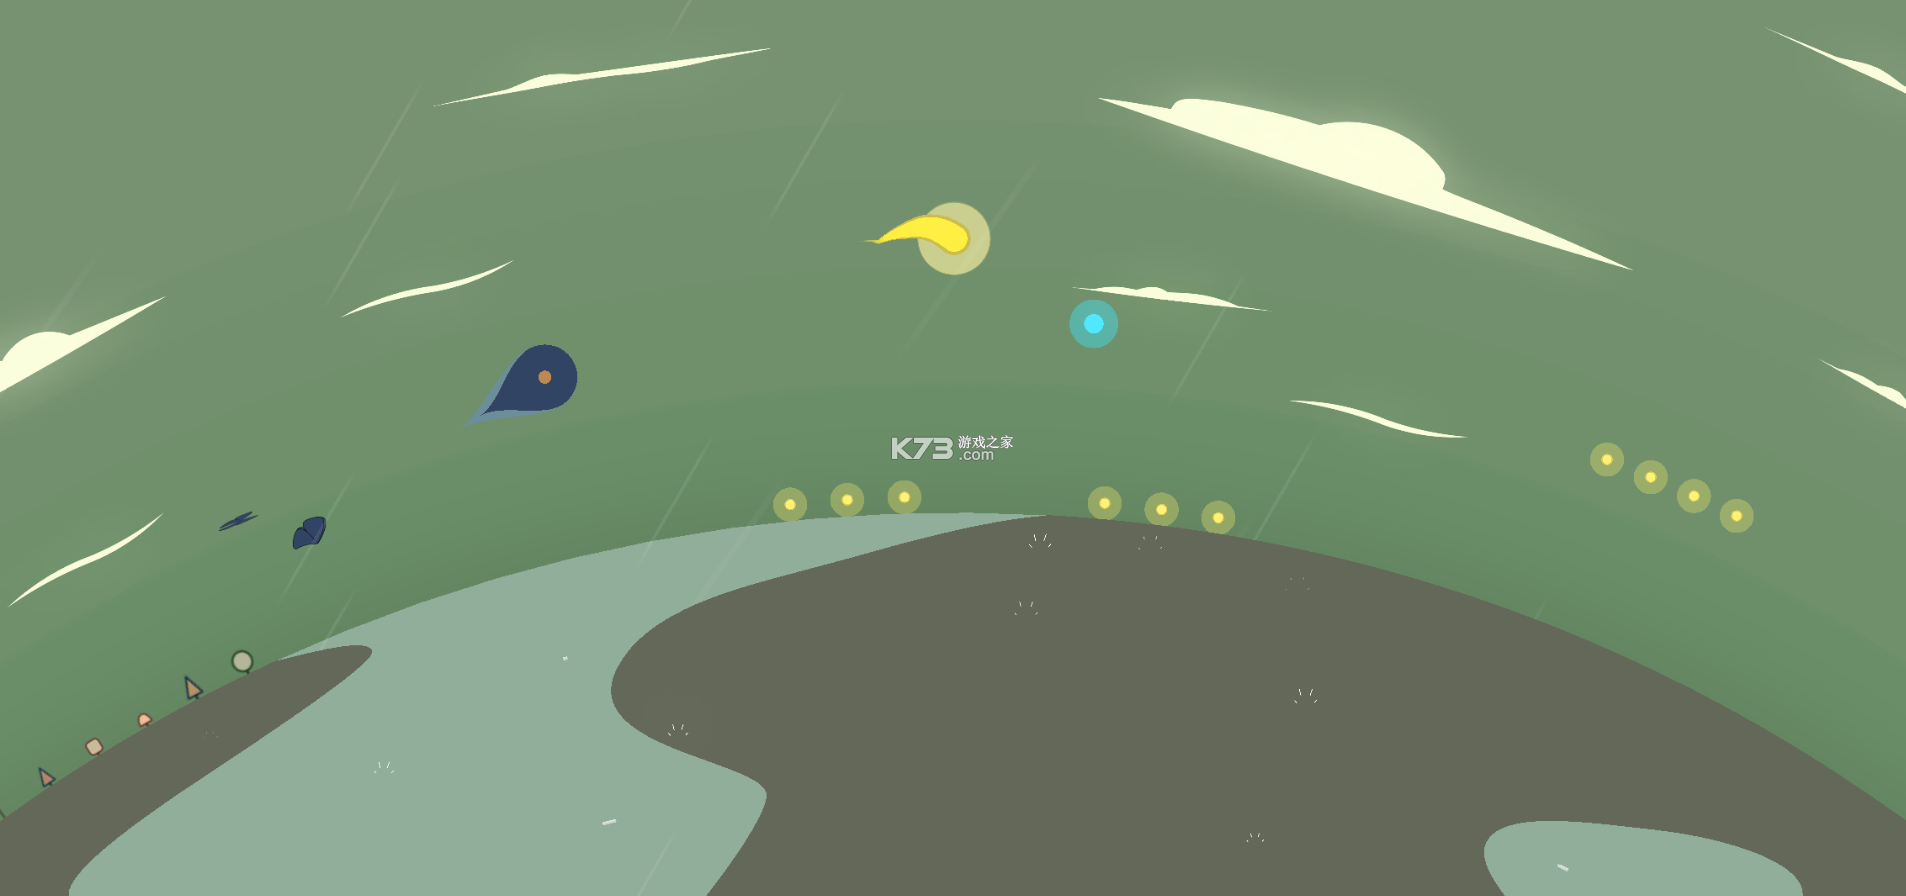 星季 v2.16 禅模式破解版 截图